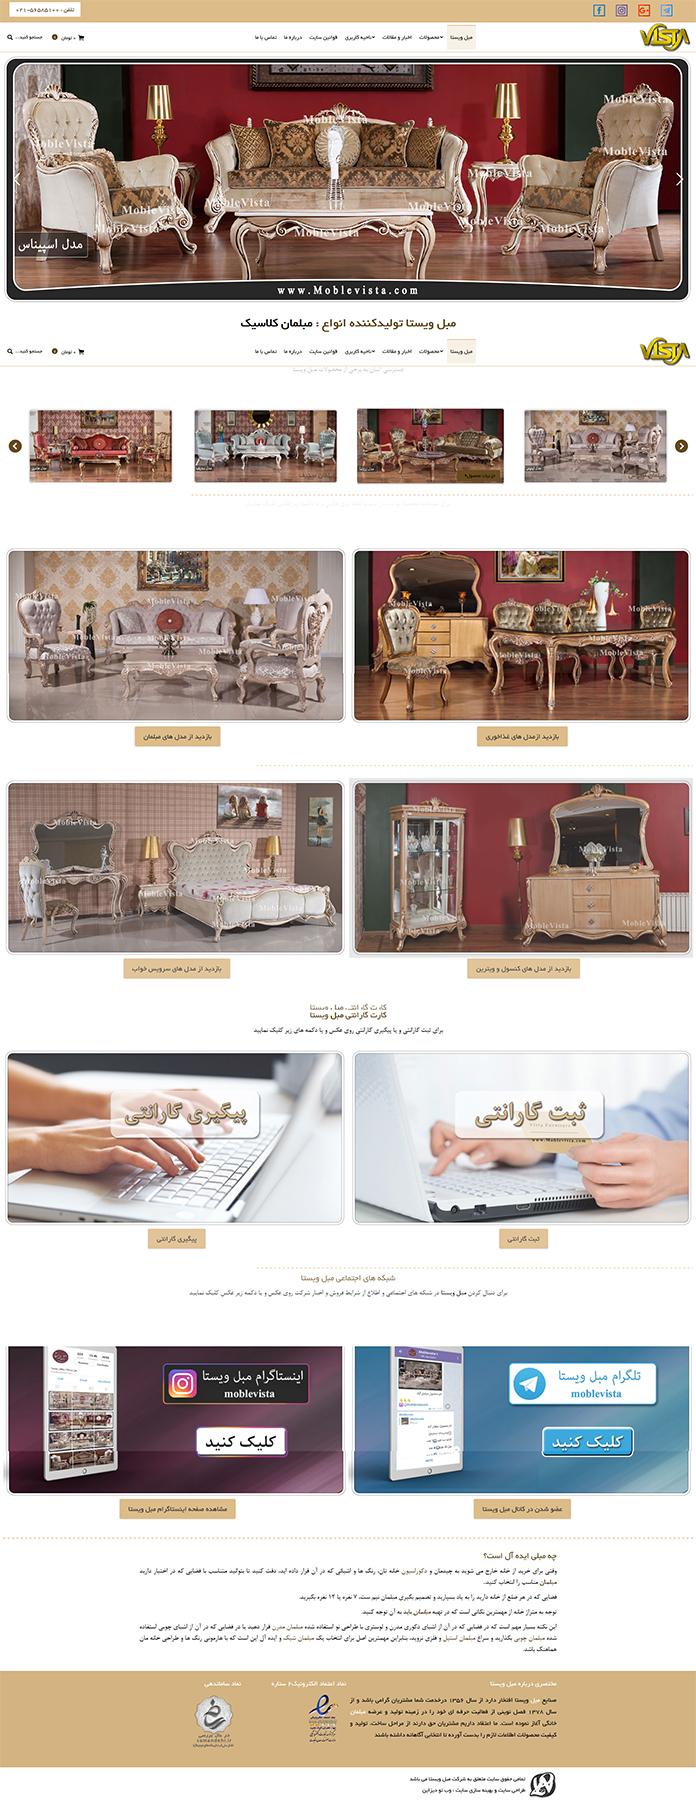 طراحی سایت مبل ویستا